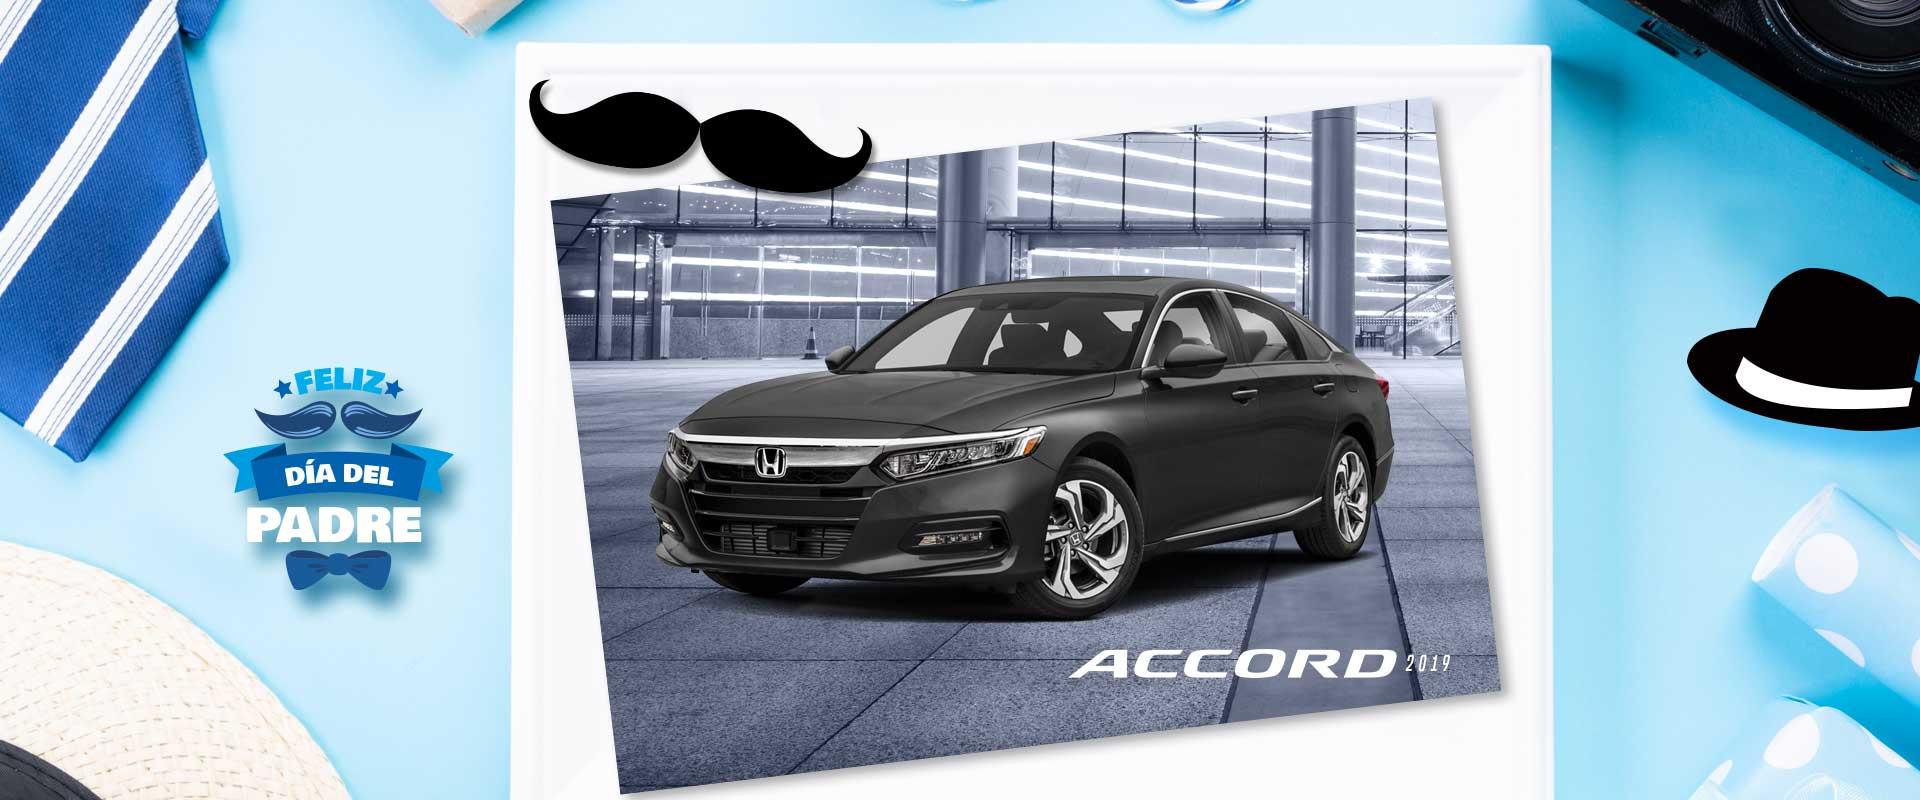 d3075cc0a9c8 Honda Cuautitlán - Agencia de autos - Cuautitlán Izcalli